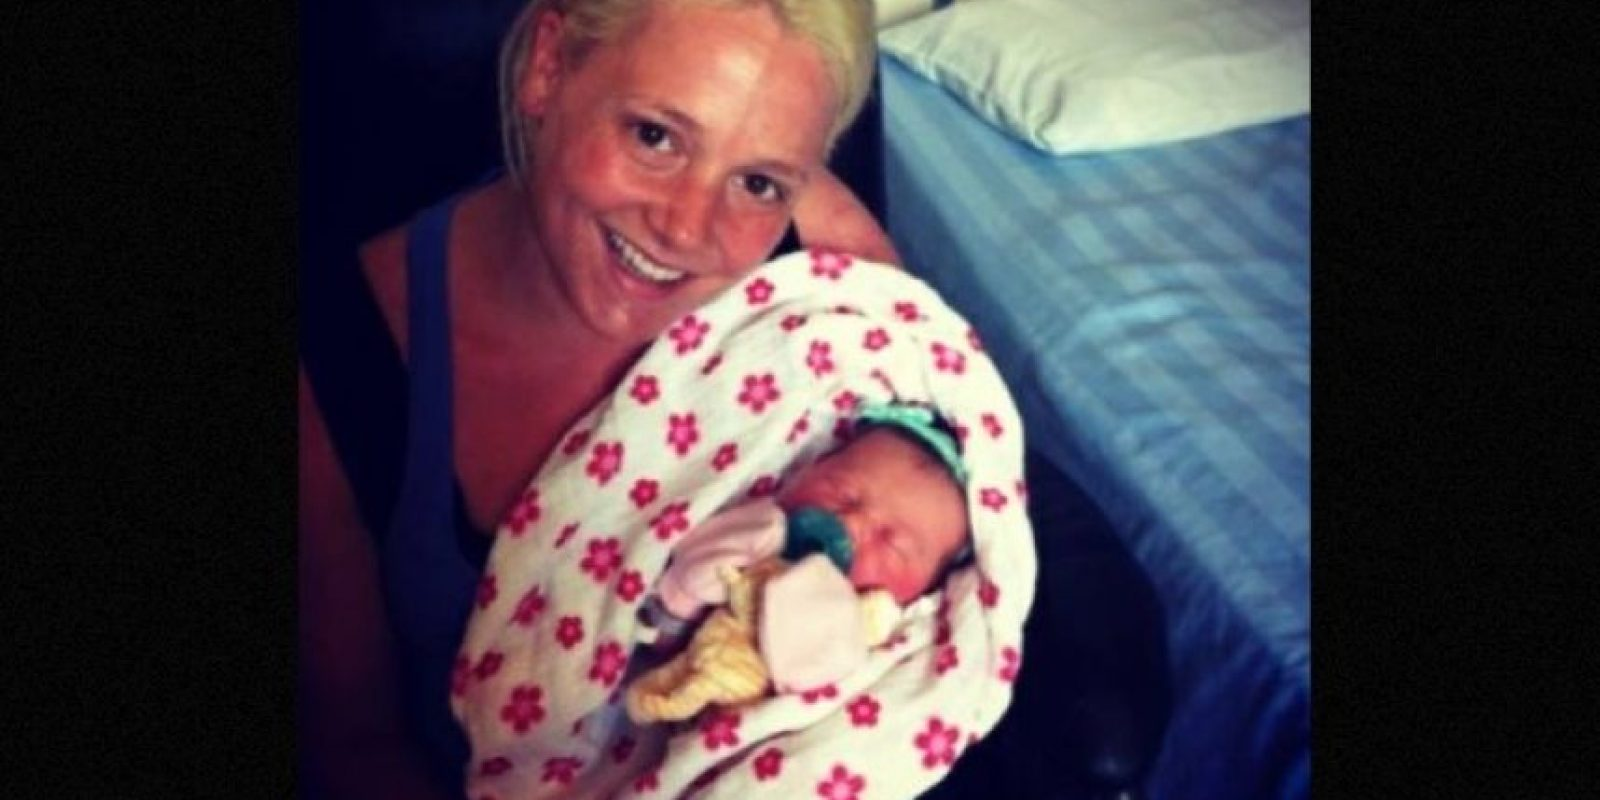 Un grupo de adolescentes de Canadá ayudaron a la policía a capturar a una mujer que había robado a una bebé recién nacida. La criminal de 21 años se vistió como enfermera y tomó a una niña del hospital donde fingía trabajar. Foto:Vía Facebook